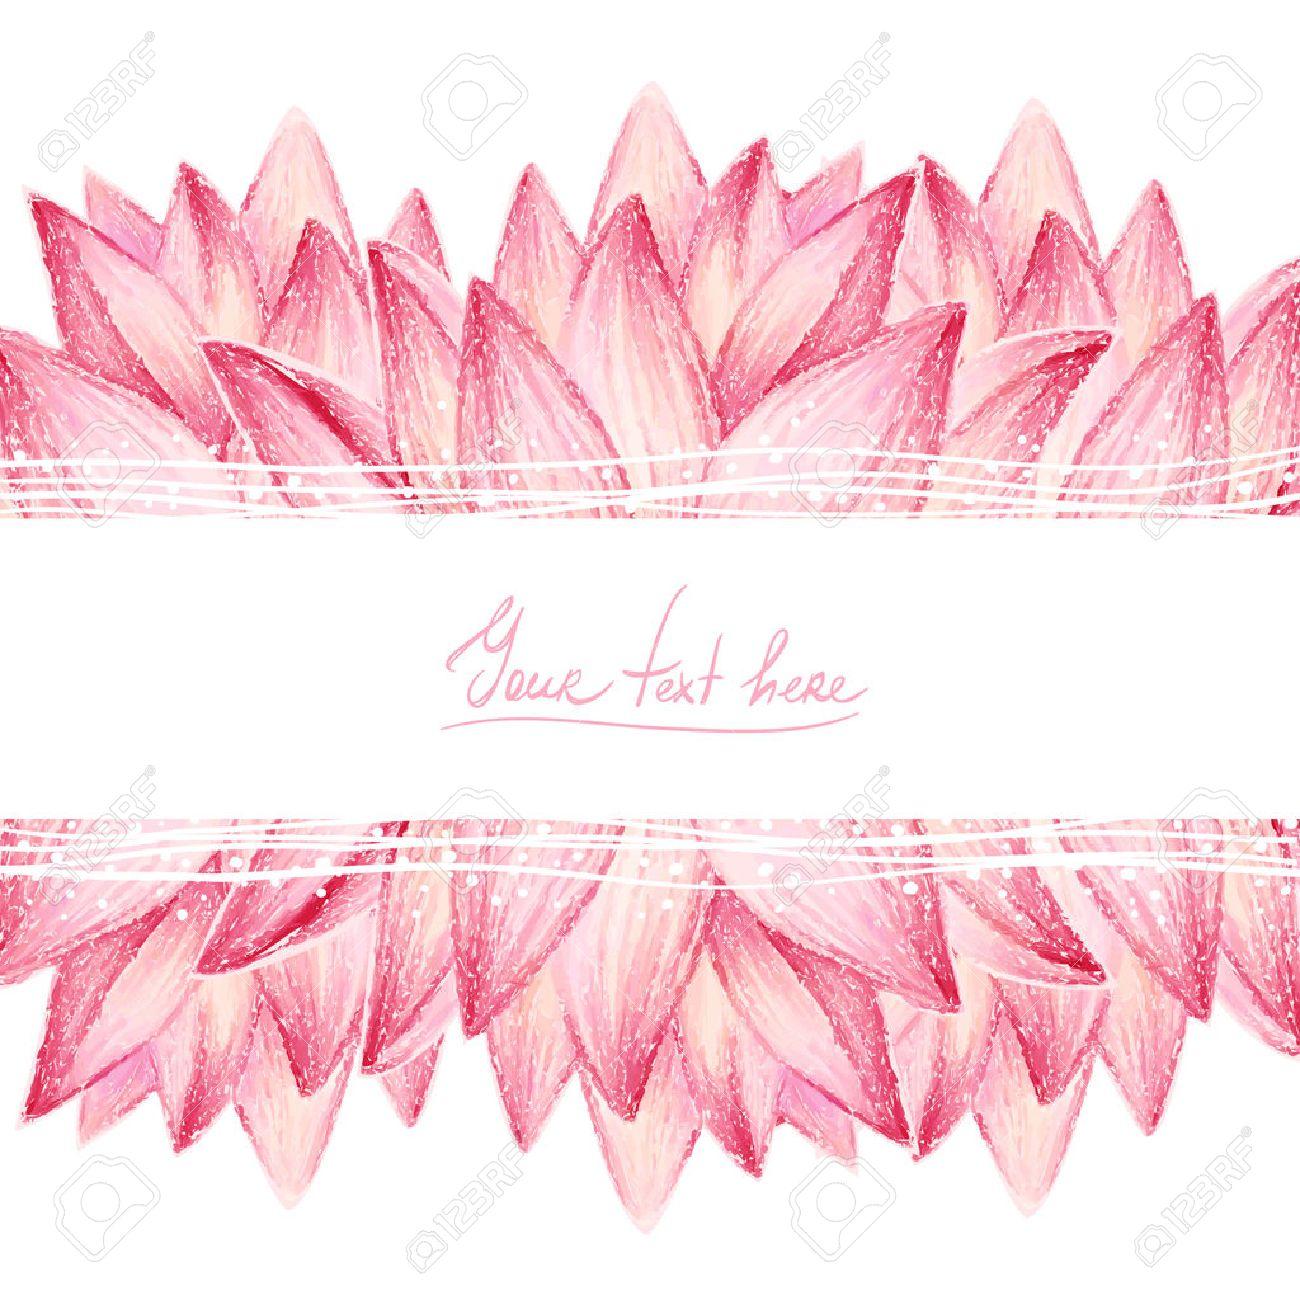 Pink lotus flower design card - 30447808